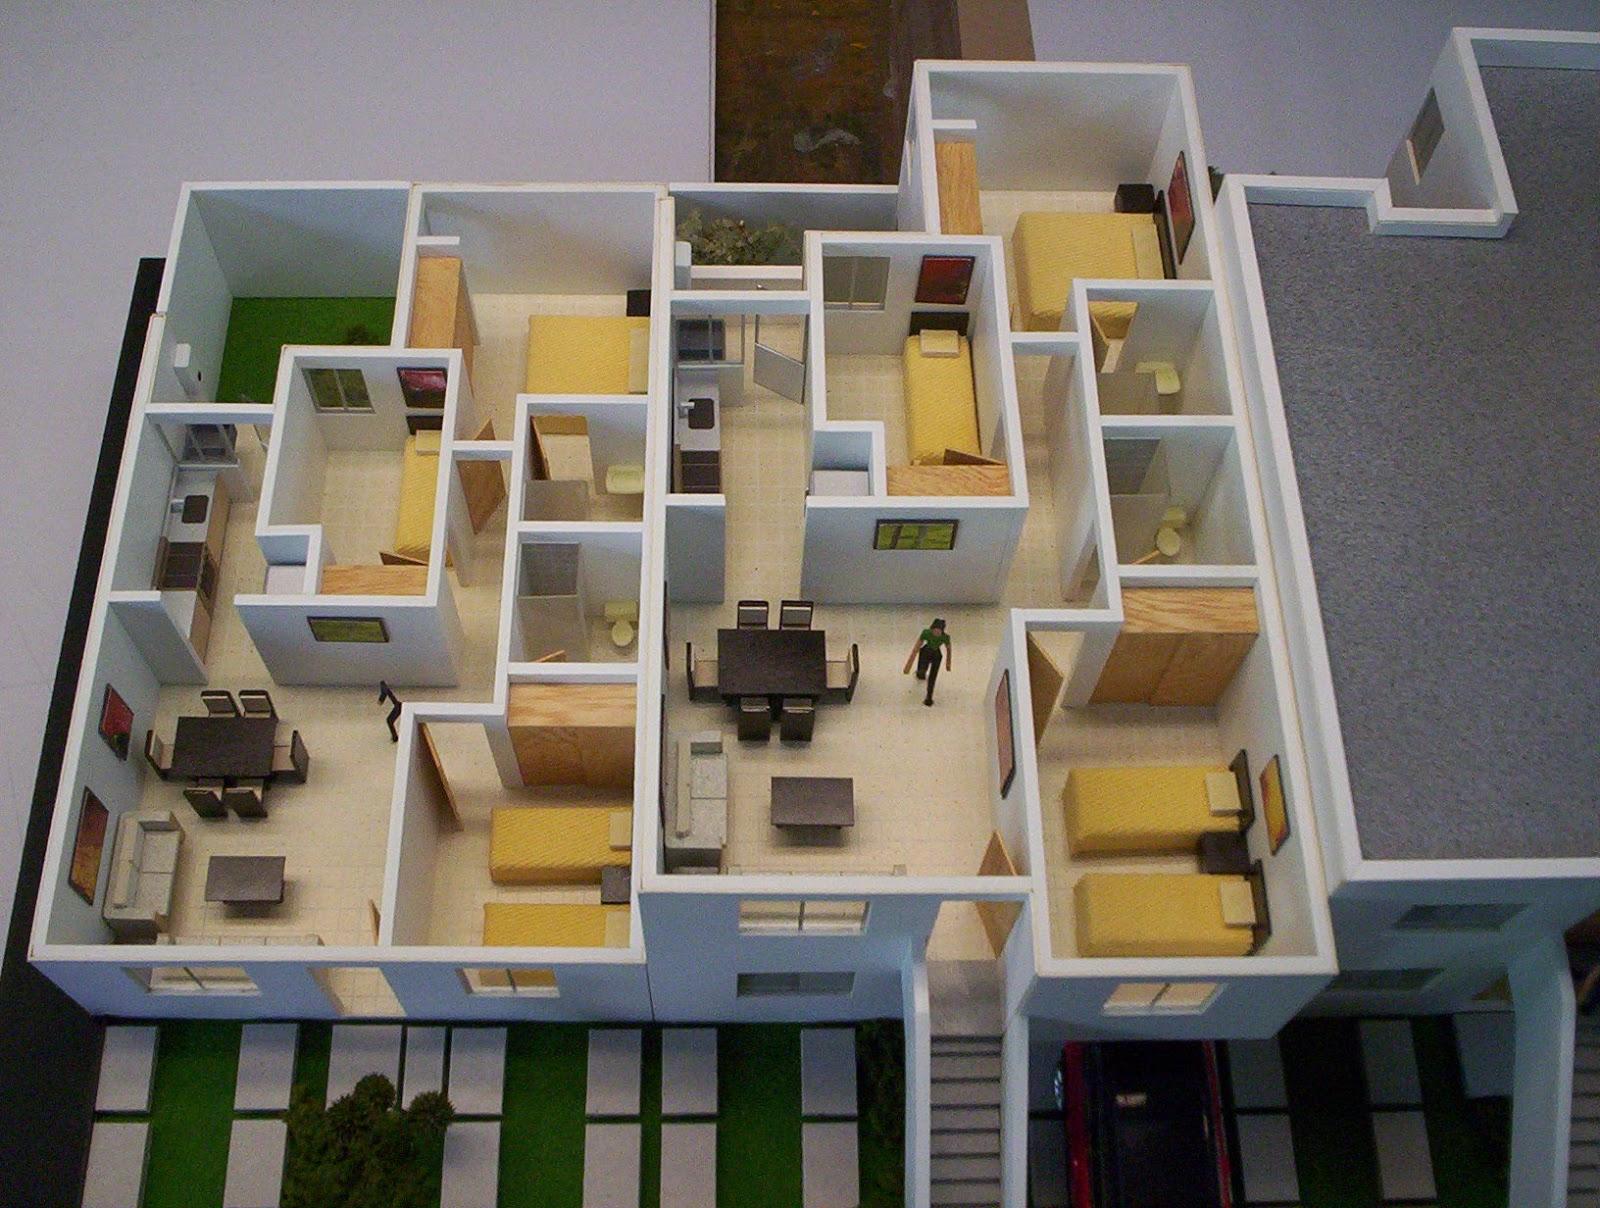 Maquetas De Casas Por Dentro Zion Star